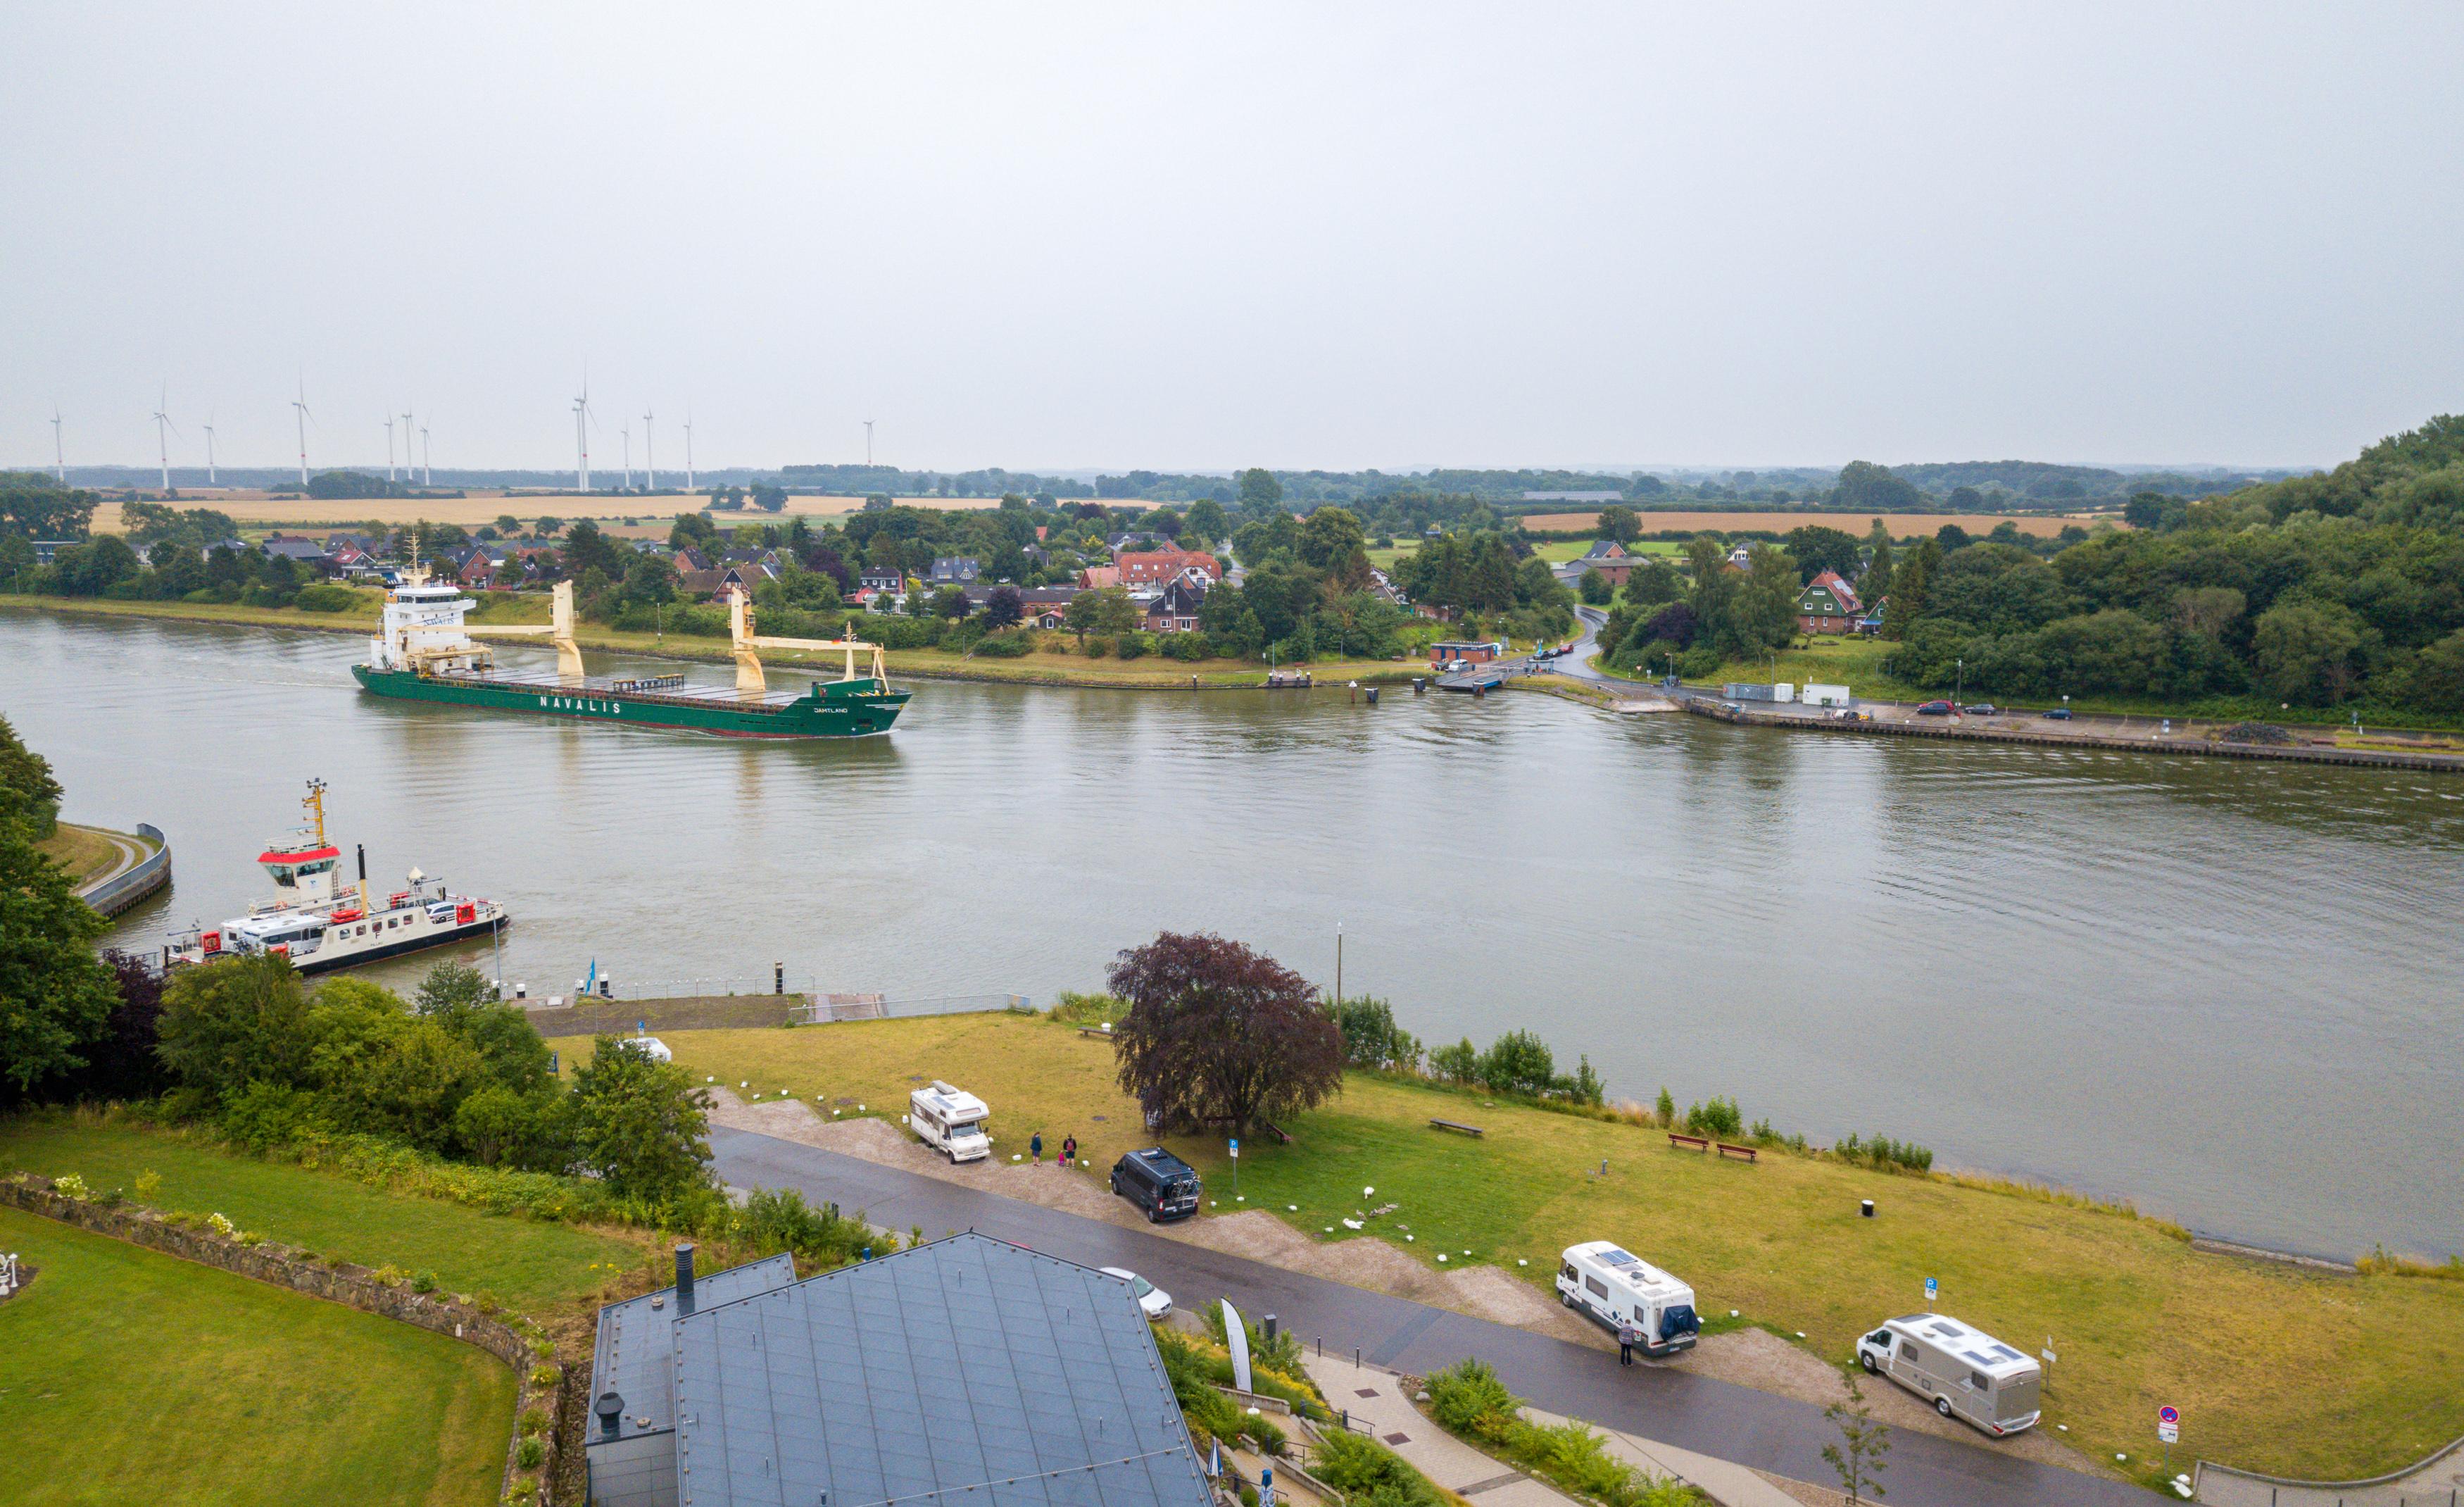 Luftaufnahme aus dem Amt Hüttener Berge. Im Vordergrund ist ein größeres Gebäude mit ein paar PKWs davor. Im oberen Teil des Bildes ein Fluss mit einem Frachtschiff.